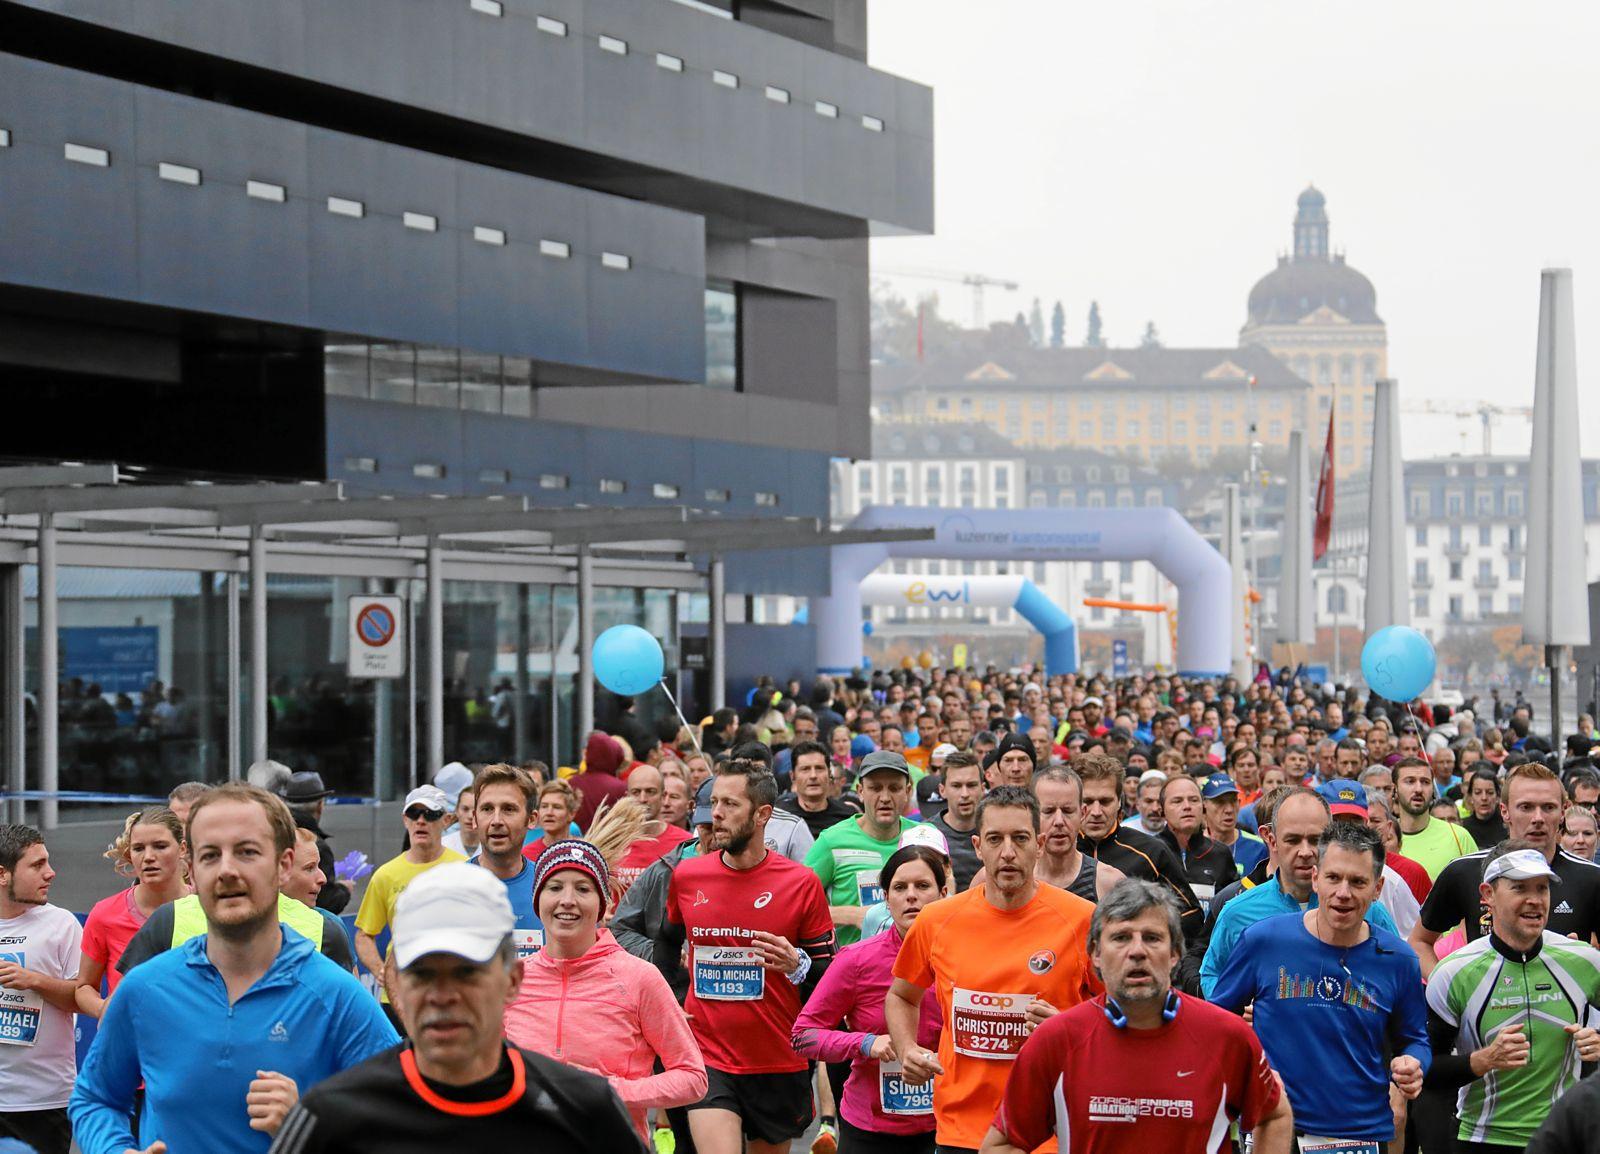 Sport trifft auf Kultur: Die Marathonstrecke führte die Läuferinnen und Läufer am KKL vorbei und sogar mitten durch den Luzerner Saal im KKL.